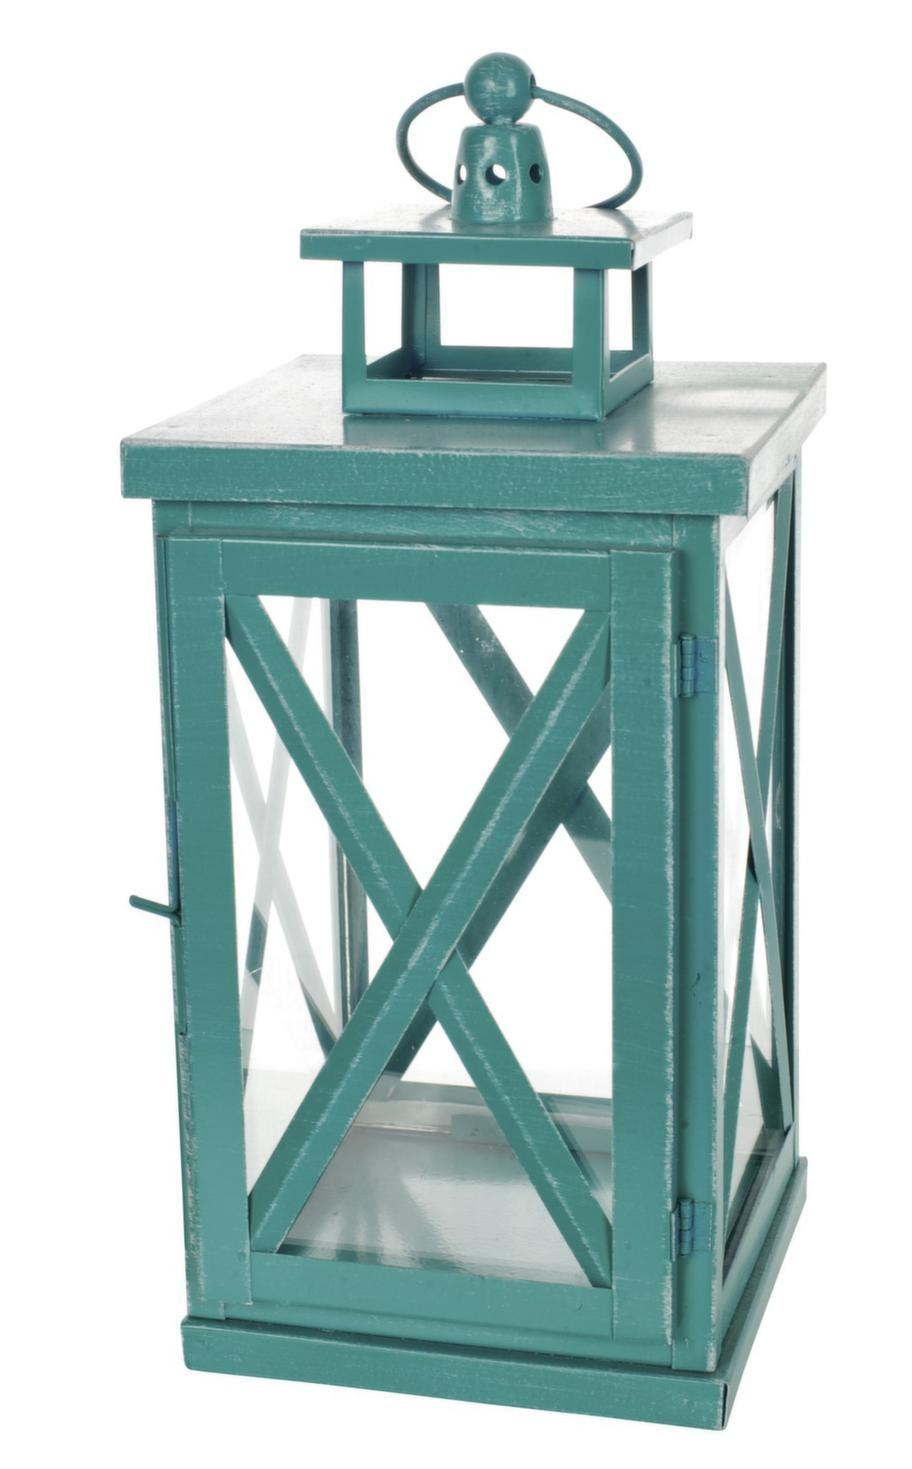 Turkos lanterna i trä och glas, 15 x 15 x 31 centimeter, finns i tre storlekar, 179 kronor, Blomsterlandet.